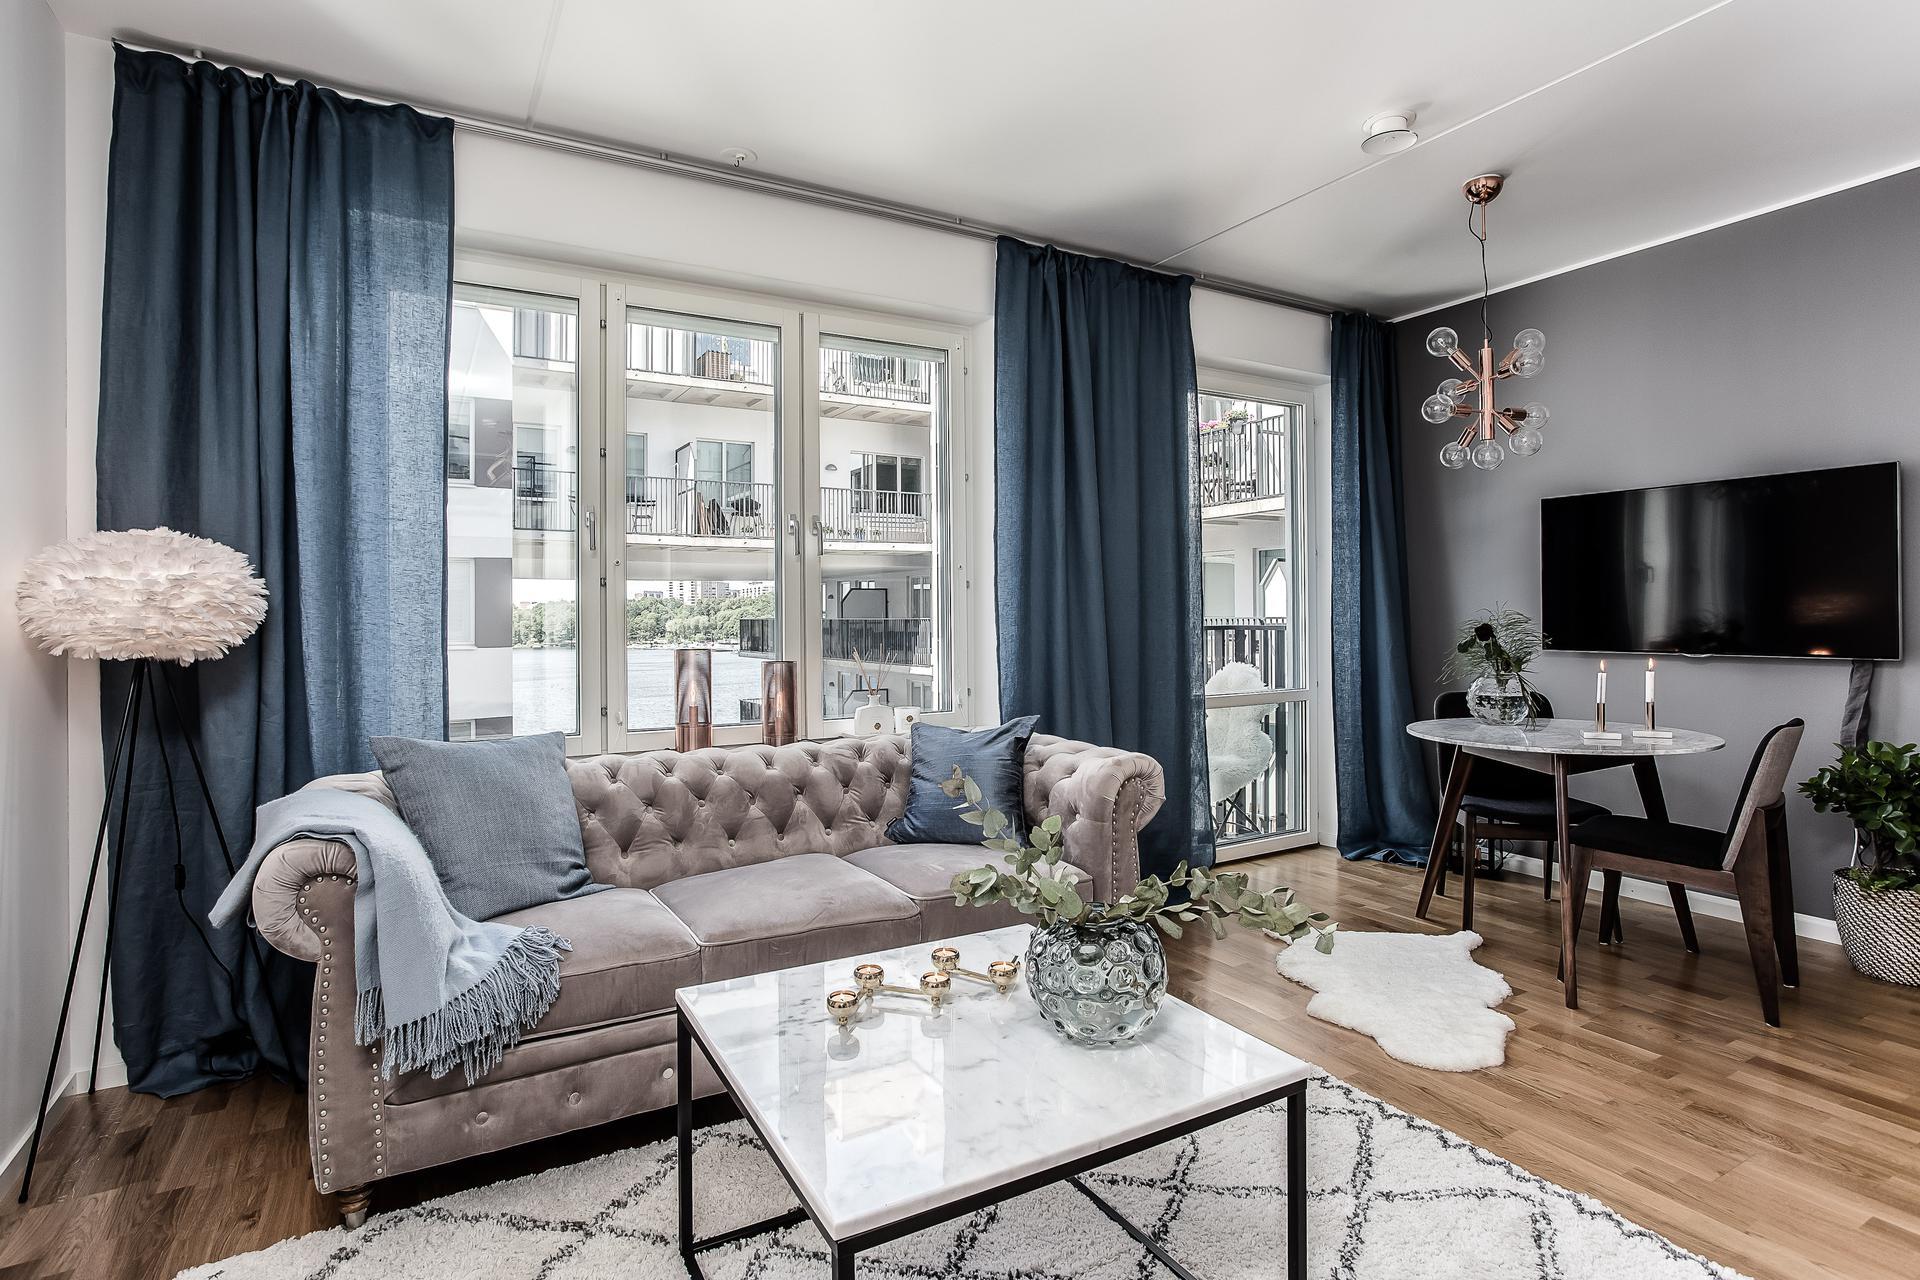 гостиная диван окно балкон стол стулья телевизор ковер